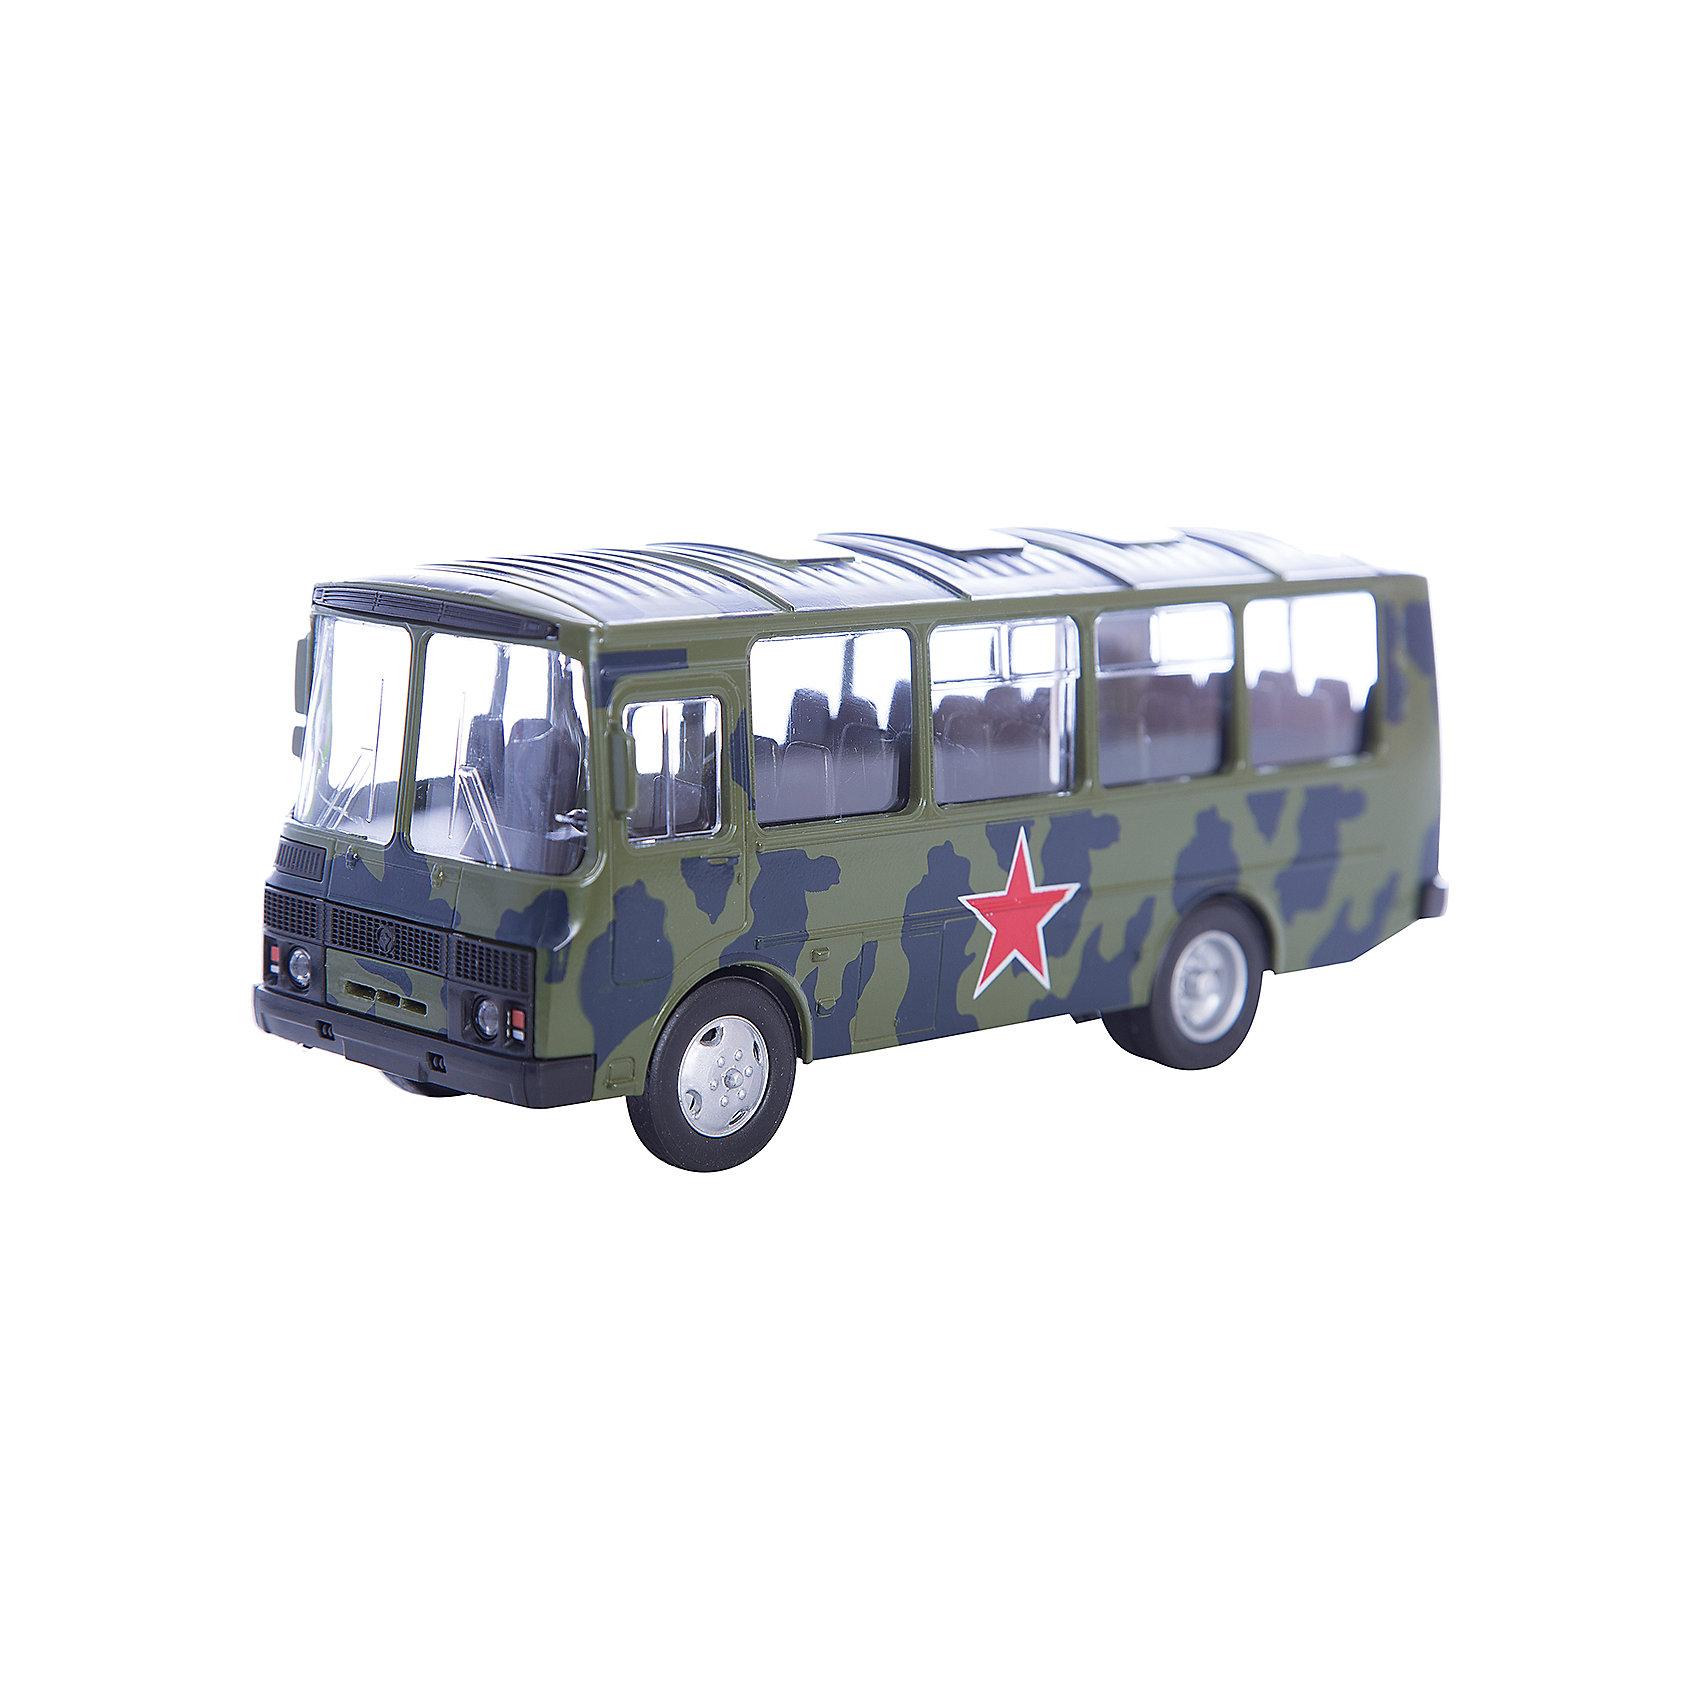 Машинка ПАЗ-32053 армейский 1:43, AutotimeМашинки<br>Характеристики товара:<br><br>• цвет: зеленый<br>• материал: металл, пластик<br>• размер упаковки: 22х7х17 см<br>• вес: 100 г<br>• масштаб: 1:43<br>• хорошая детализация<br>• вращаются колеса<br>• коллекционная<br>• страна бренда: Россия<br>• страна производства: Китай<br><br>Металлическая машинка ПАЗ-32053 от бренда AUTOTIME придется по душе мальчикам. Это идеальный подарок для ценителя и коллекционера автомобилей, которые выполнены с подробной детализацией. Игрушка является настоящей копией автобуса. Колеса машинки вращаются. Поэтому она может стать и частью коллекции, и выступать отдельной игрушкой.<br><br>Машинка может выполнять сразу несколько функций: развлекать ребенка, помогать вырабатывать практические качества: ловкость, координацию, мелкую моторику. Также в процессе увлекательной игры развивается фантазия ребенка. Изделие выполнено из сертифицированных материалов, безопасных для детей.<br><br>Машинку ПАЗ-32053 армейский от бренда AUTOTIME можно купить в нашем интернет-магазине.<br><br>Ширина мм: 165<br>Глубина мм: 57<br>Высота мм: 75<br>Вес г: 13<br>Возраст от месяцев: 36<br>Возраст до месяцев: 2147483647<br>Пол: Мужской<br>Возраст: Детский<br>SKU: 5583988